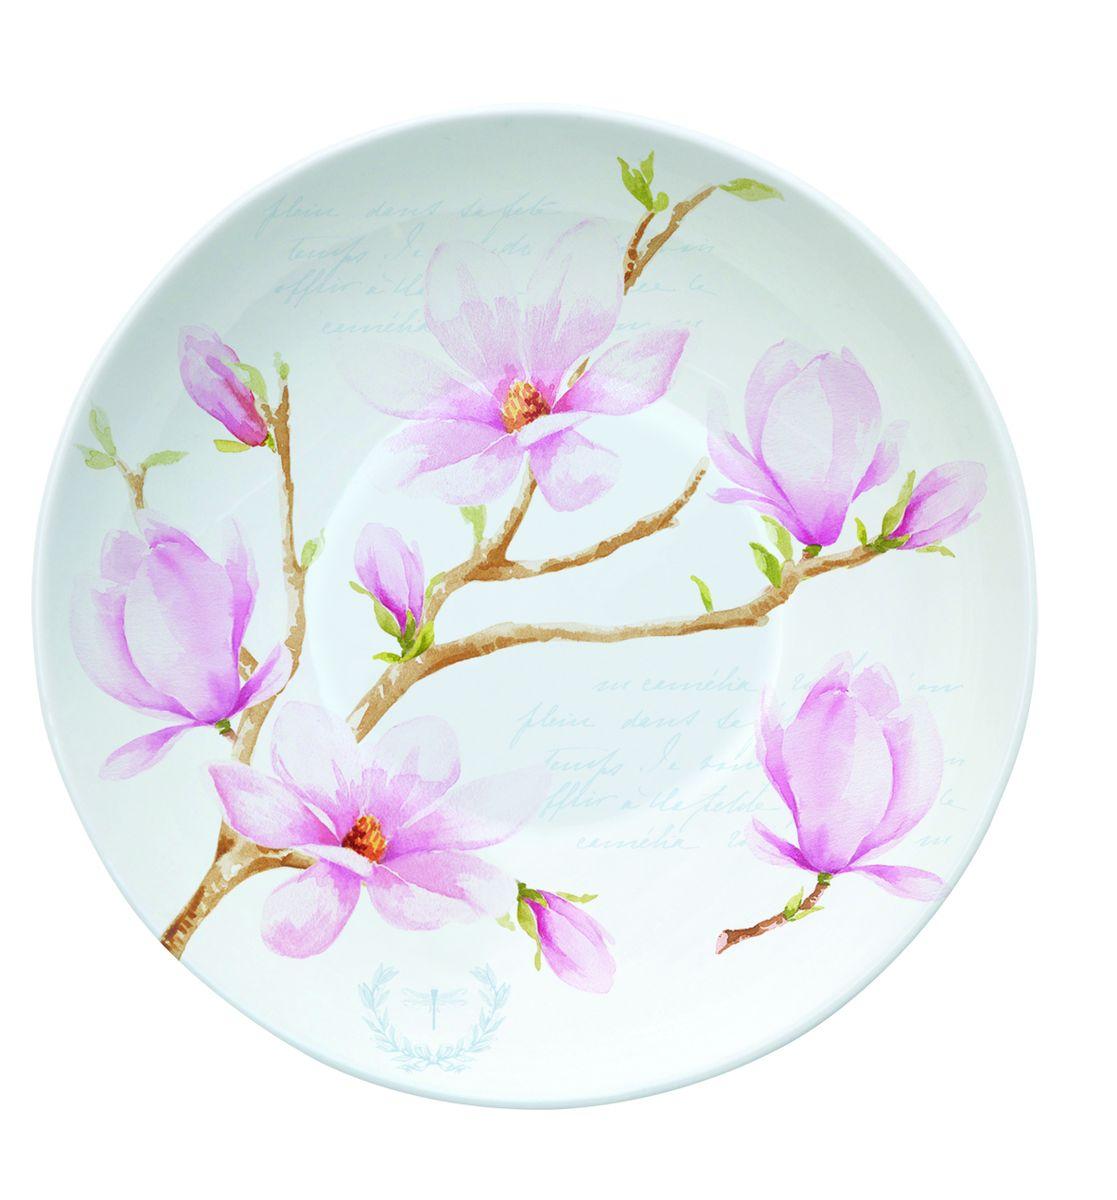 Блюдце Nuova R2S Розовая магнолия, диаметр 10 см338MAGNБлюдце Nuova R2S Розовая магнолия выполнено из высококачественного фарфора. Изделие оформлено цветочным рисунком. Изящное блюдце не только красиво оформит стол к чаепитию, но и станет прекрасным подарком друзьям и близким. Диаметр блюдца: 10 см.